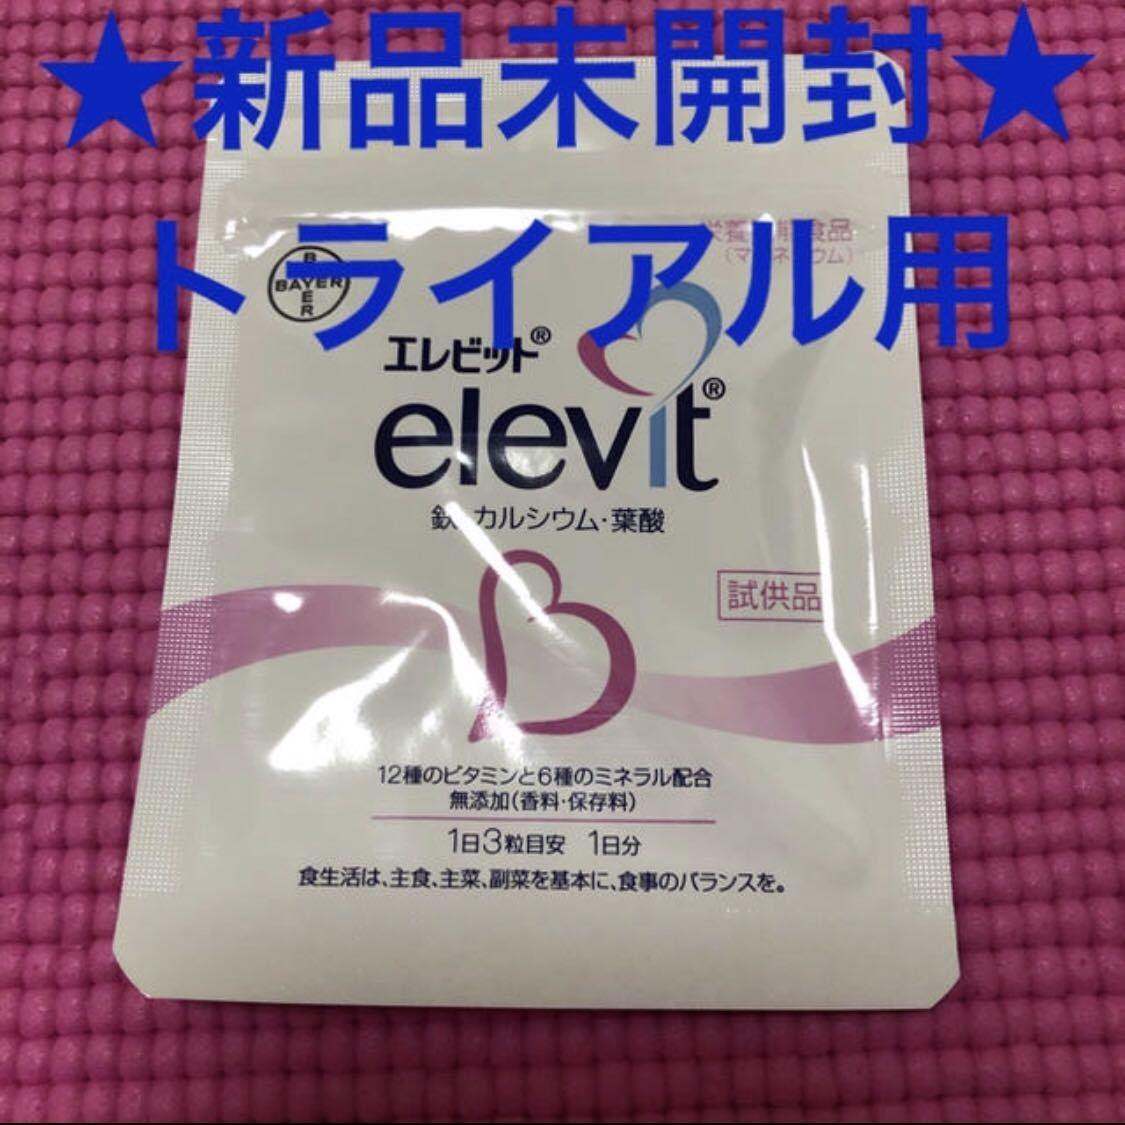 新品未開封*エレビット葉酸マルチビタミンサプリメント1日分妊活妊娠中妊婦用_画像1